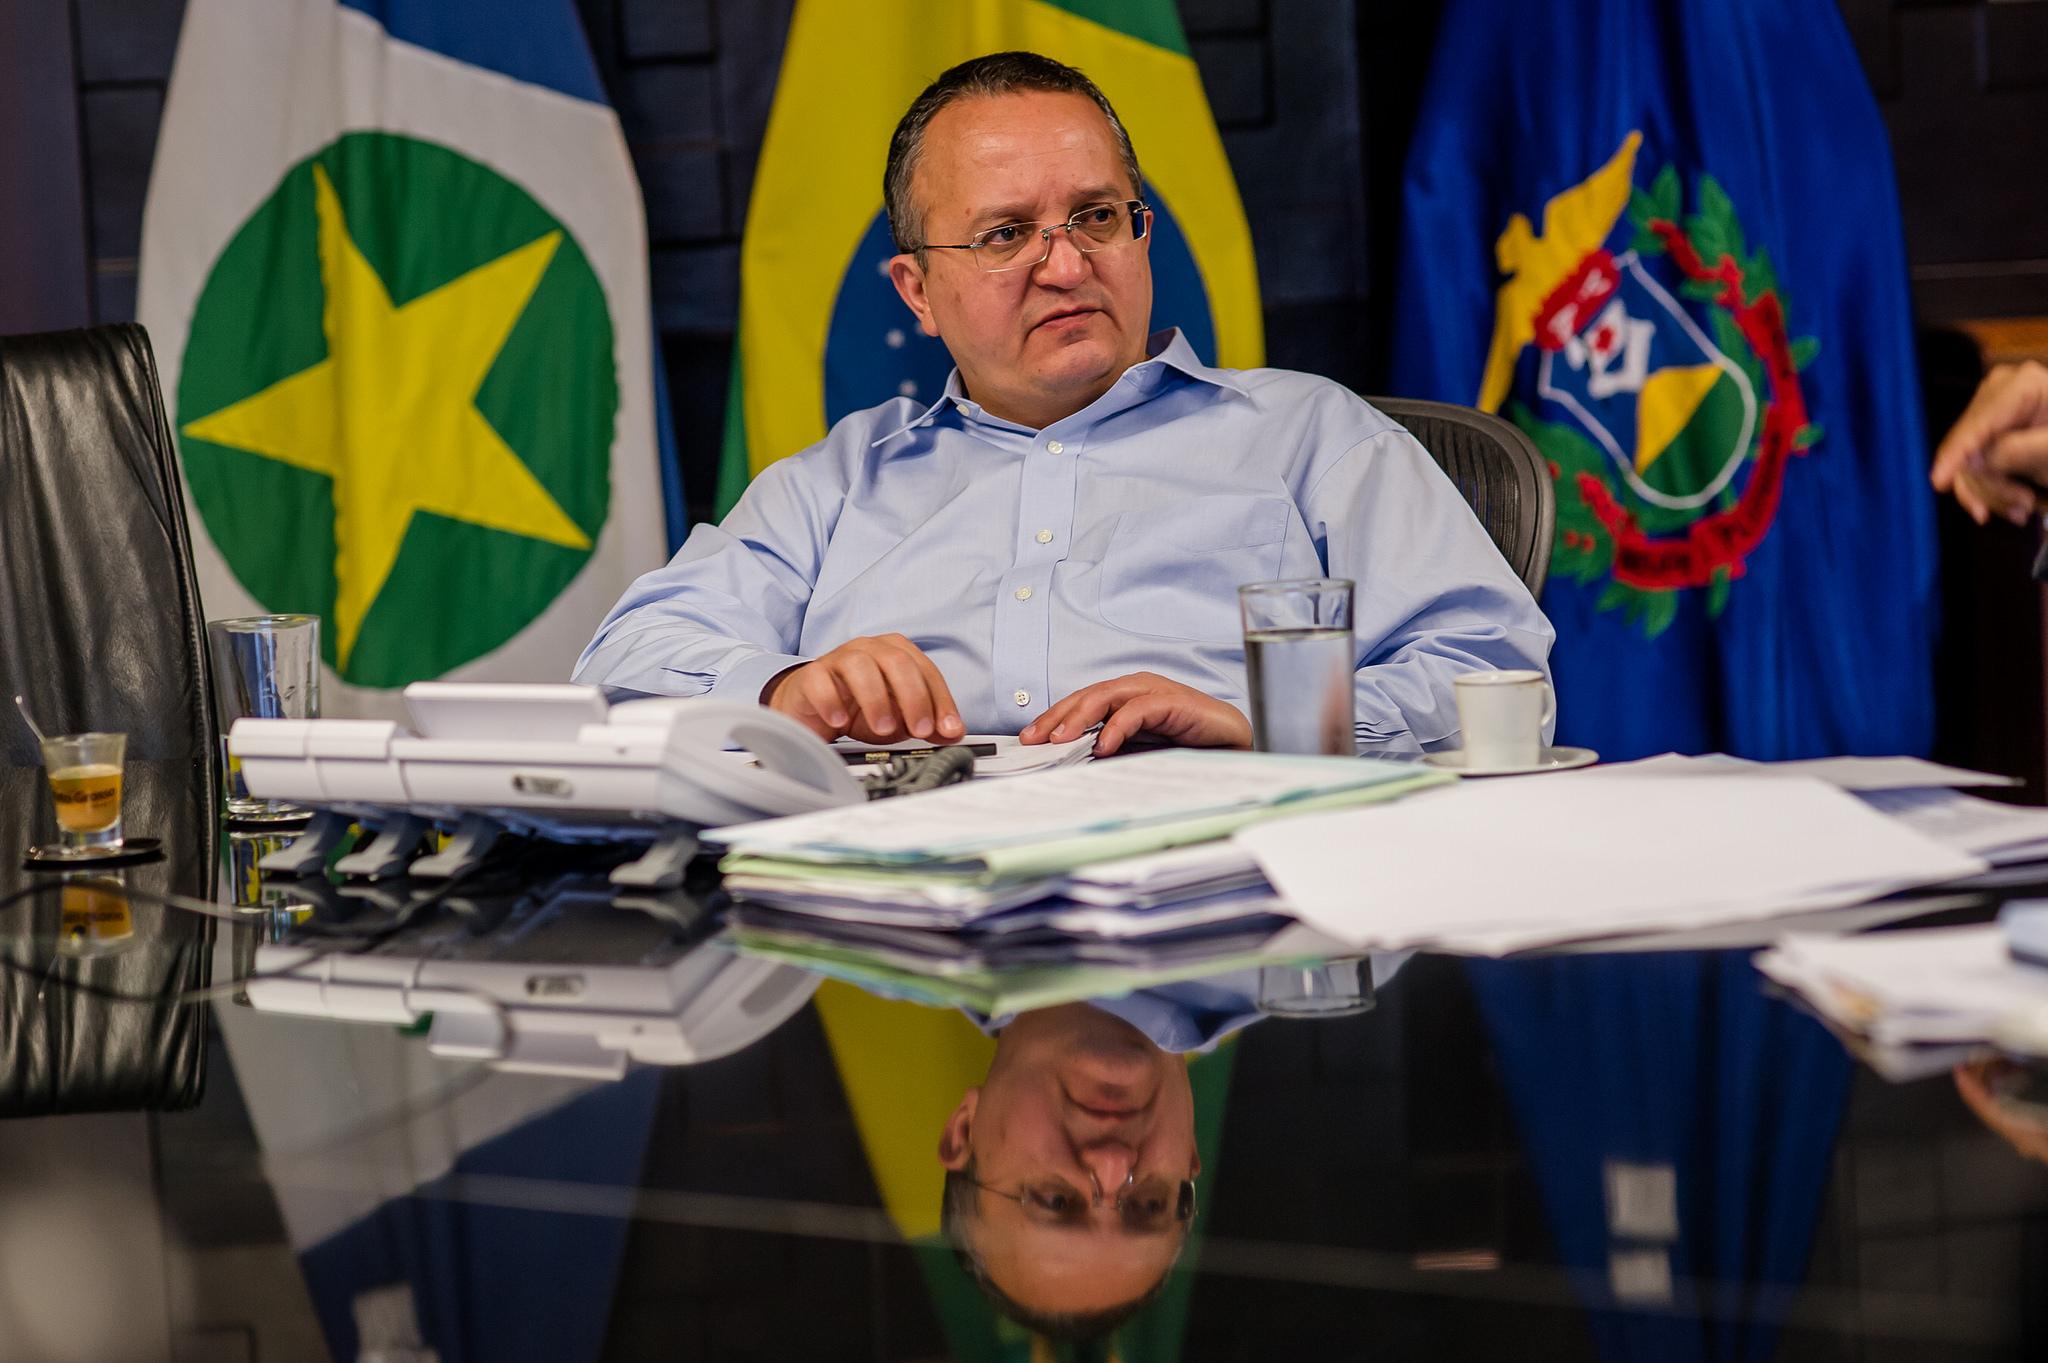 Taques antecipa coletiva do TCE e diz que ação contra o governo é